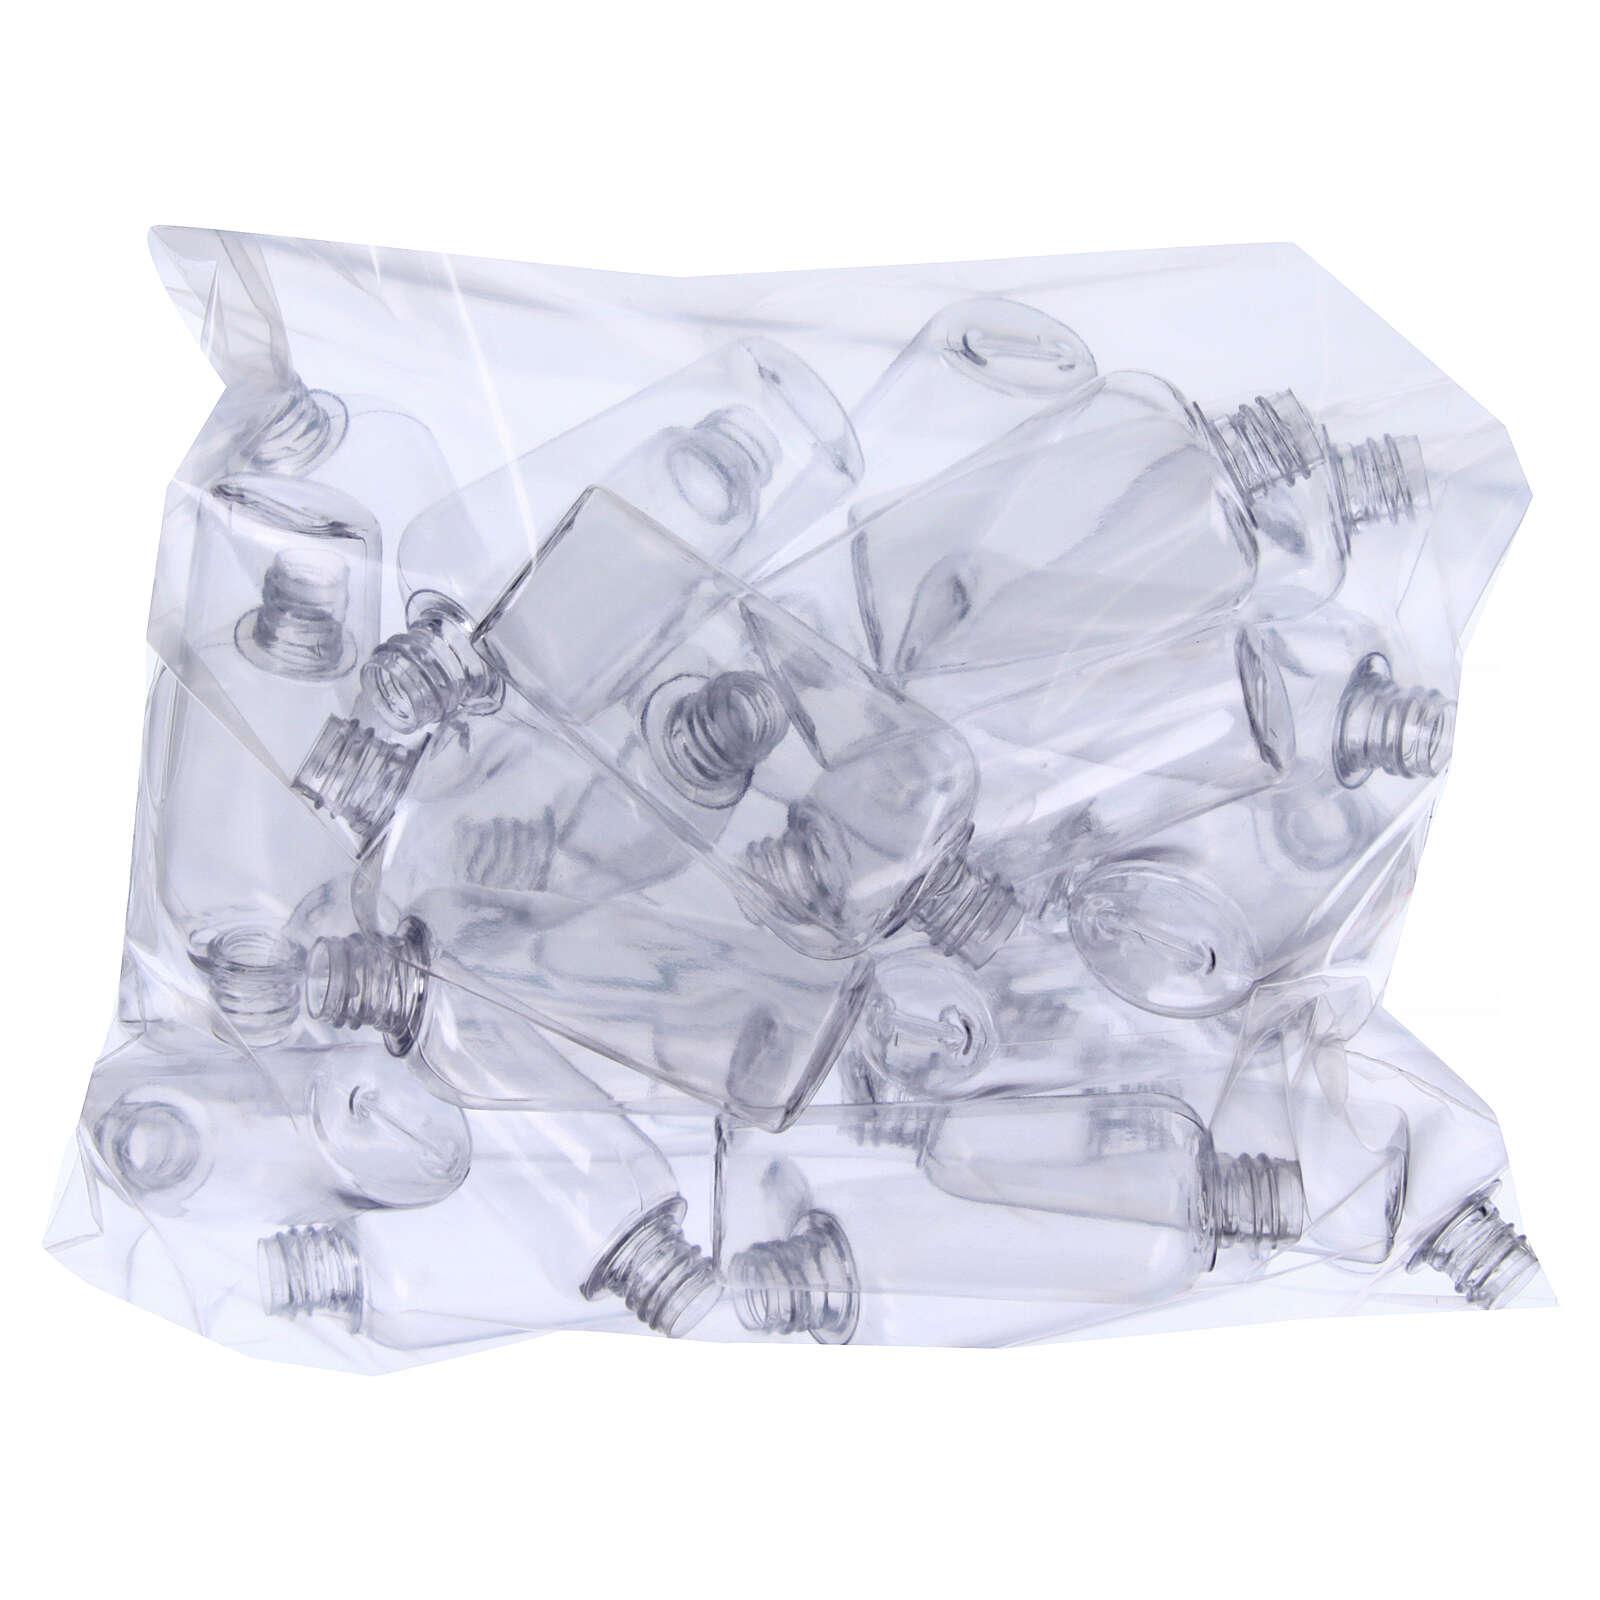 Garrafinhas para Água Benta transparentes 75 ml (EMBALAGEM DE 100 PEÇAS) 3